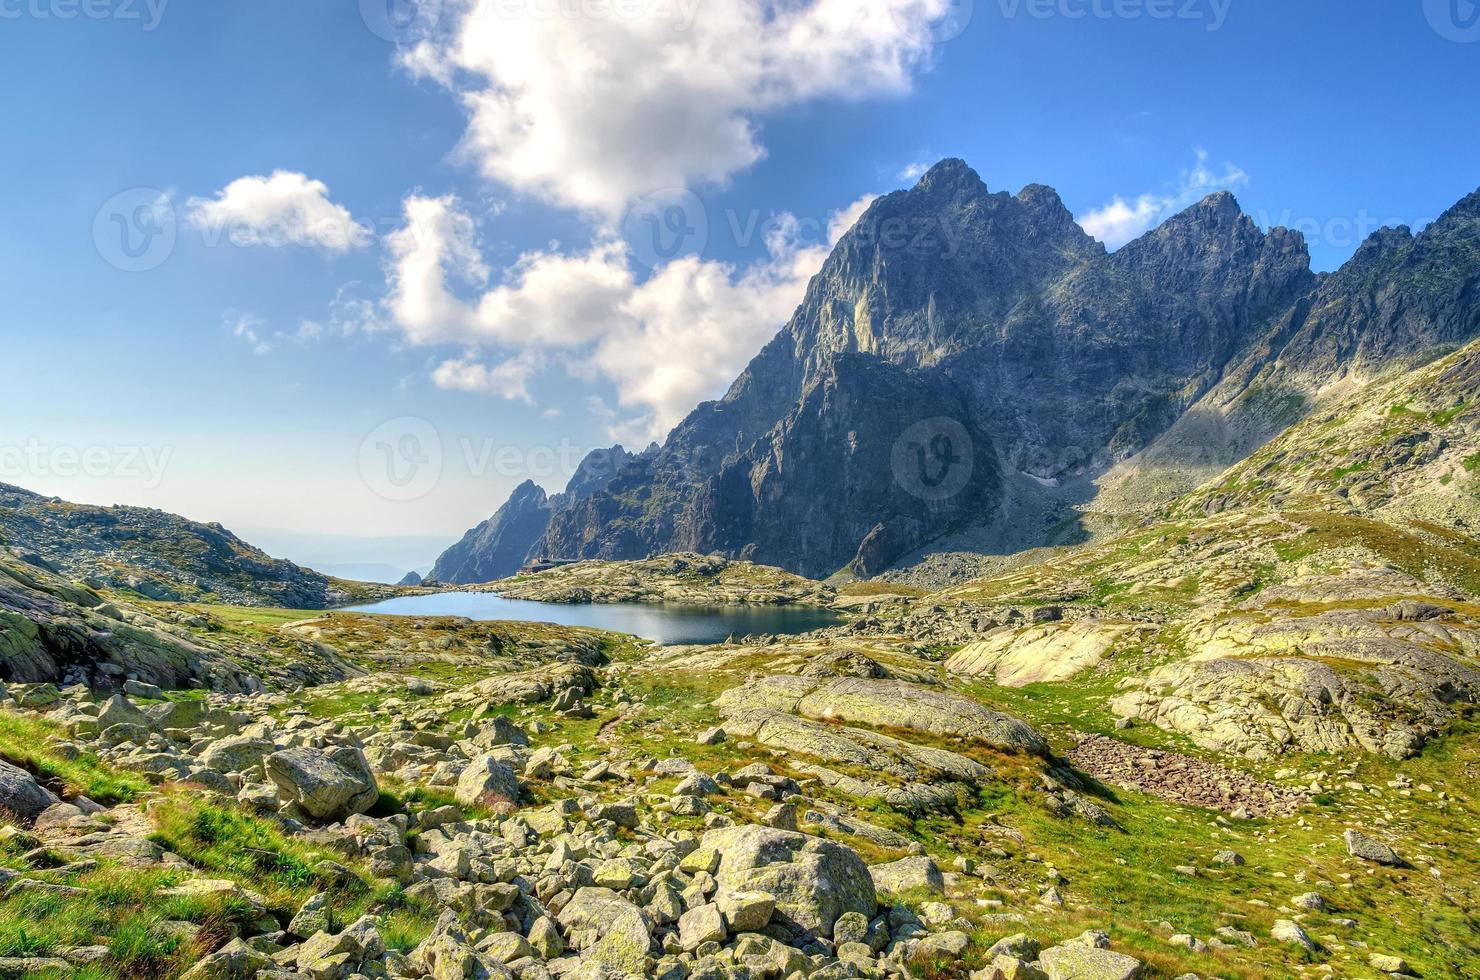 Sommer Berglandschaft. foto